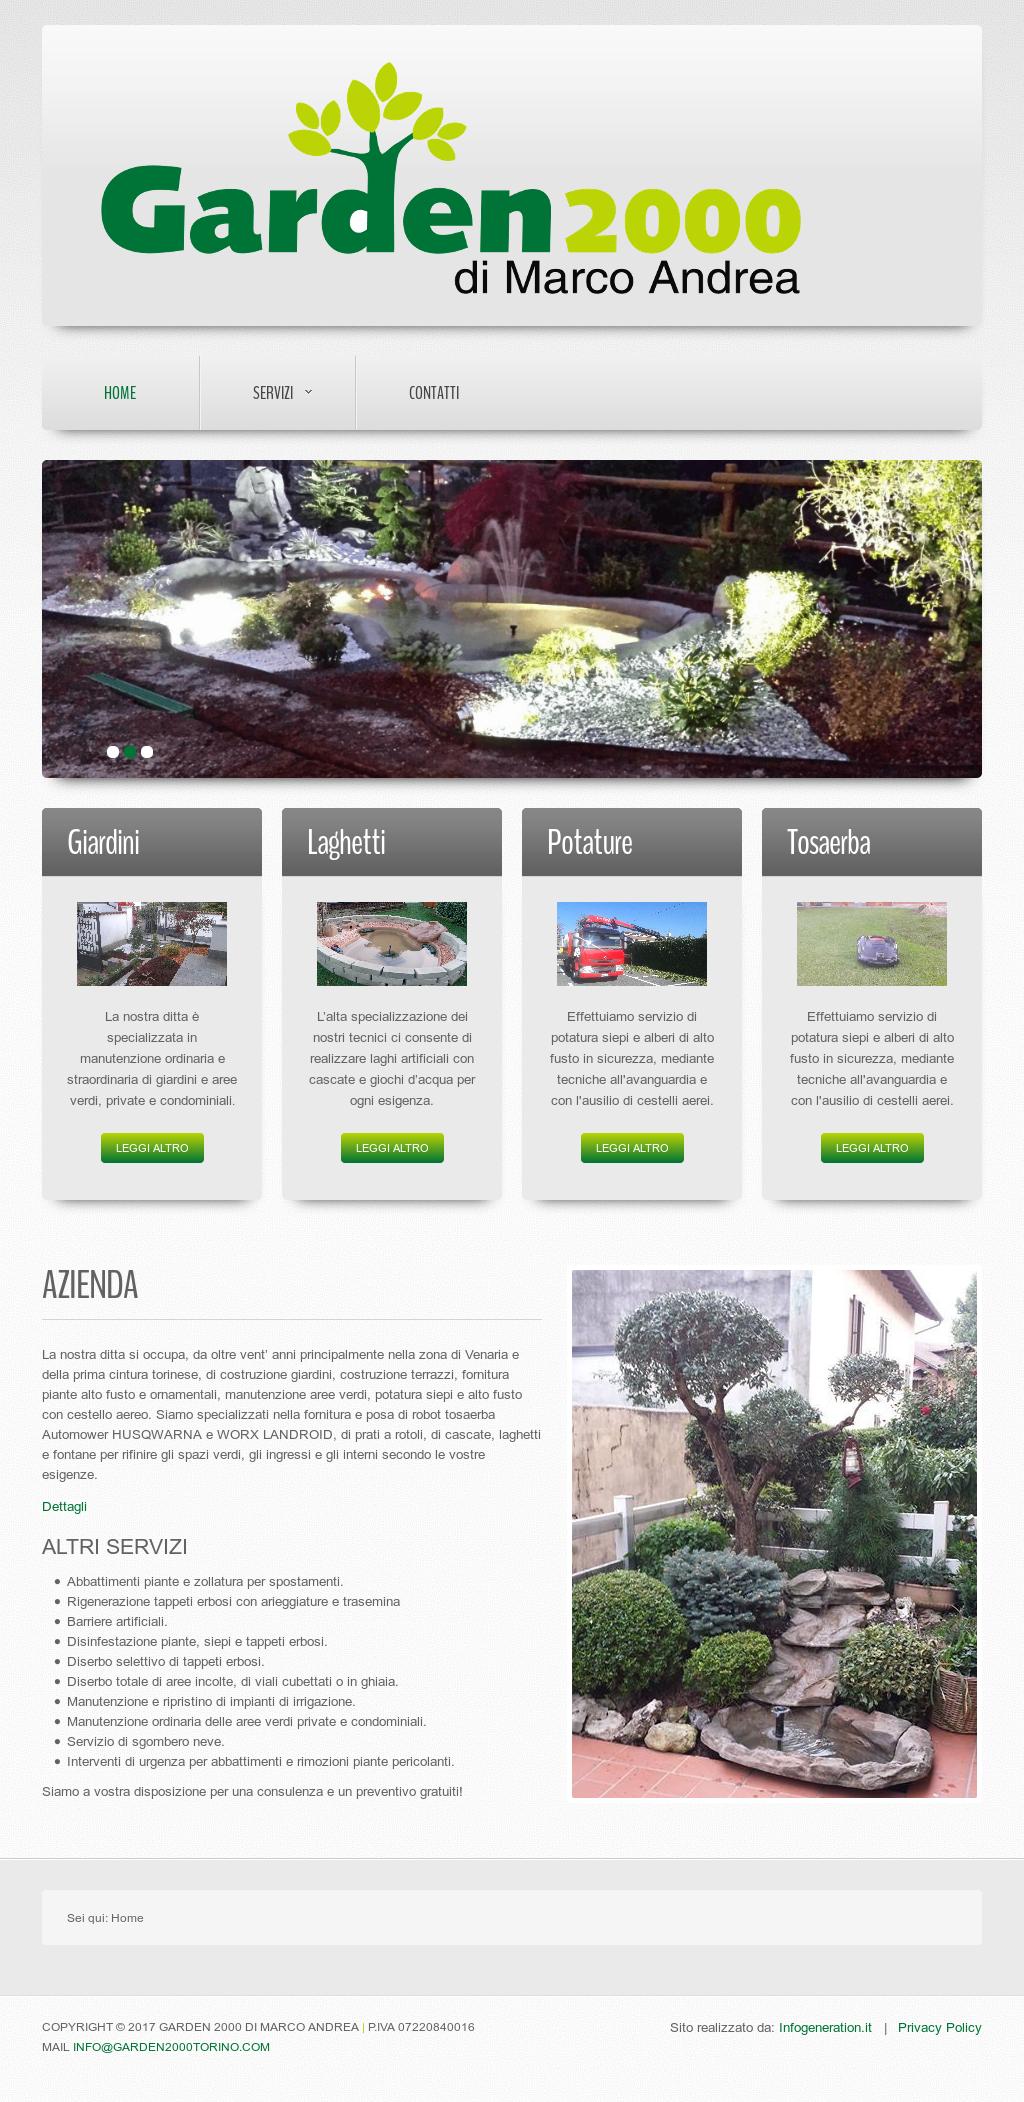 Garden 2000 costruzione giardini a torino piante for Costruzione giardini